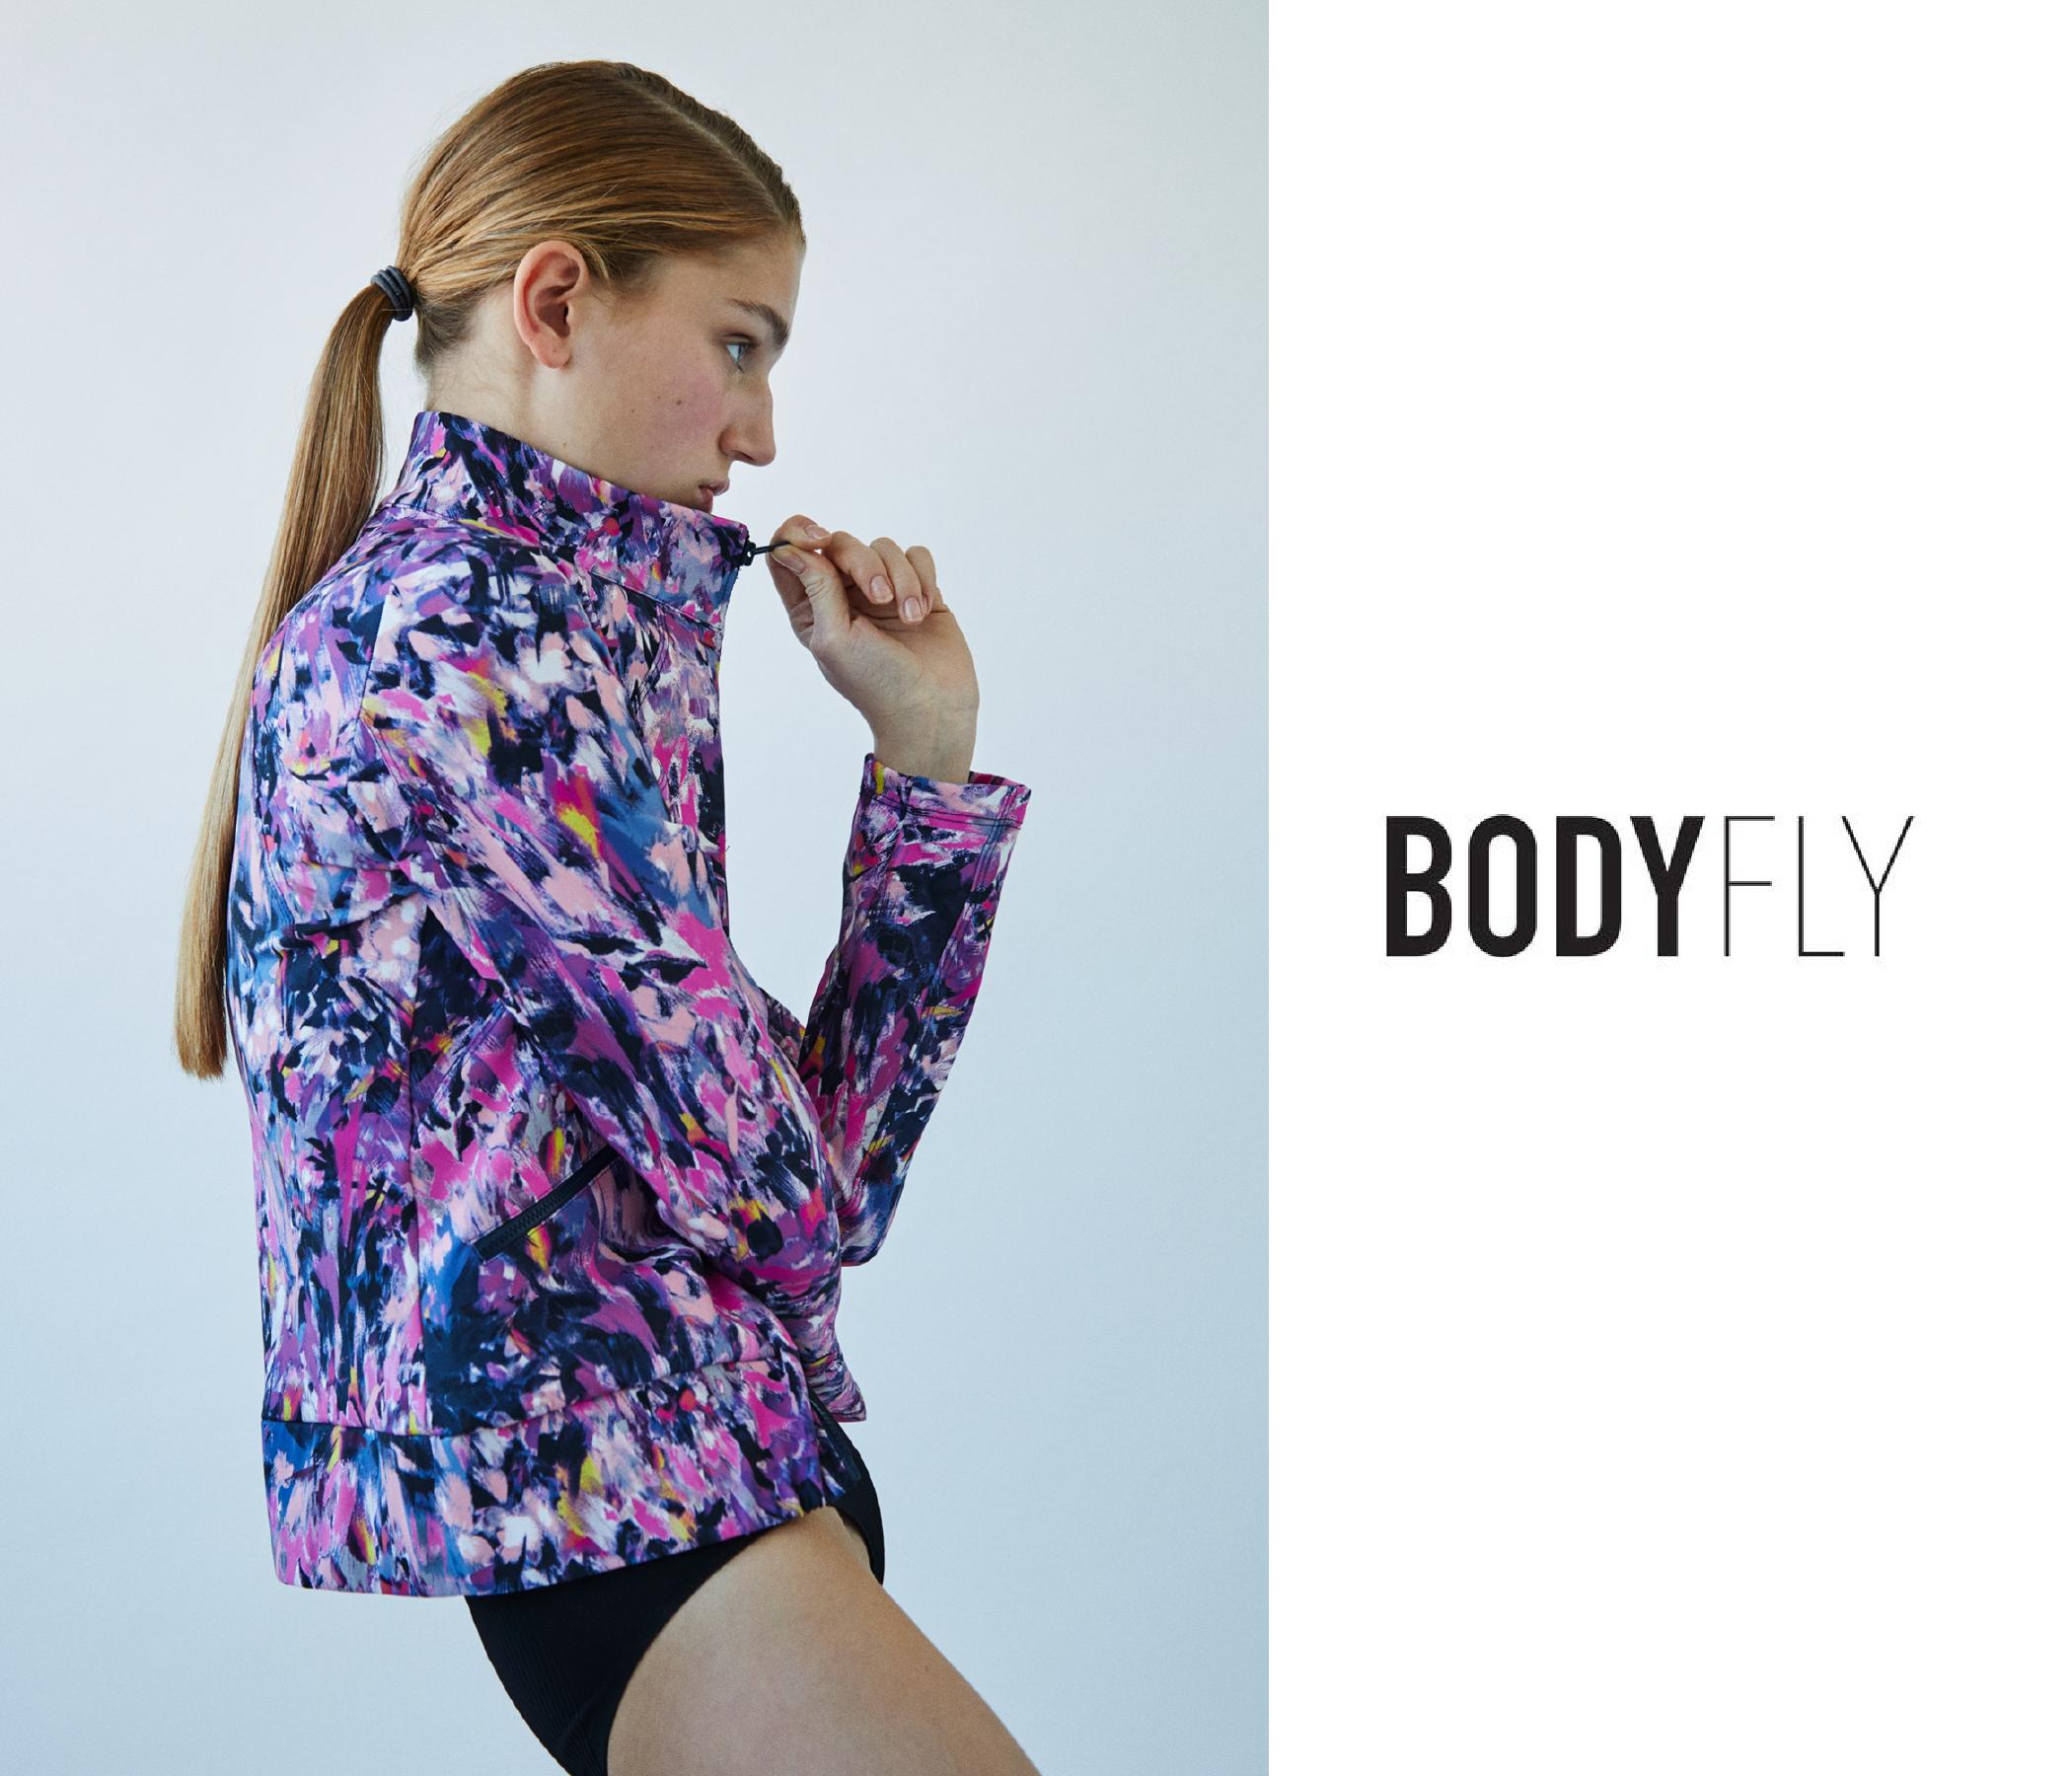 BodyFlyDIGITALCATALOG-copy_2018-01-01.png